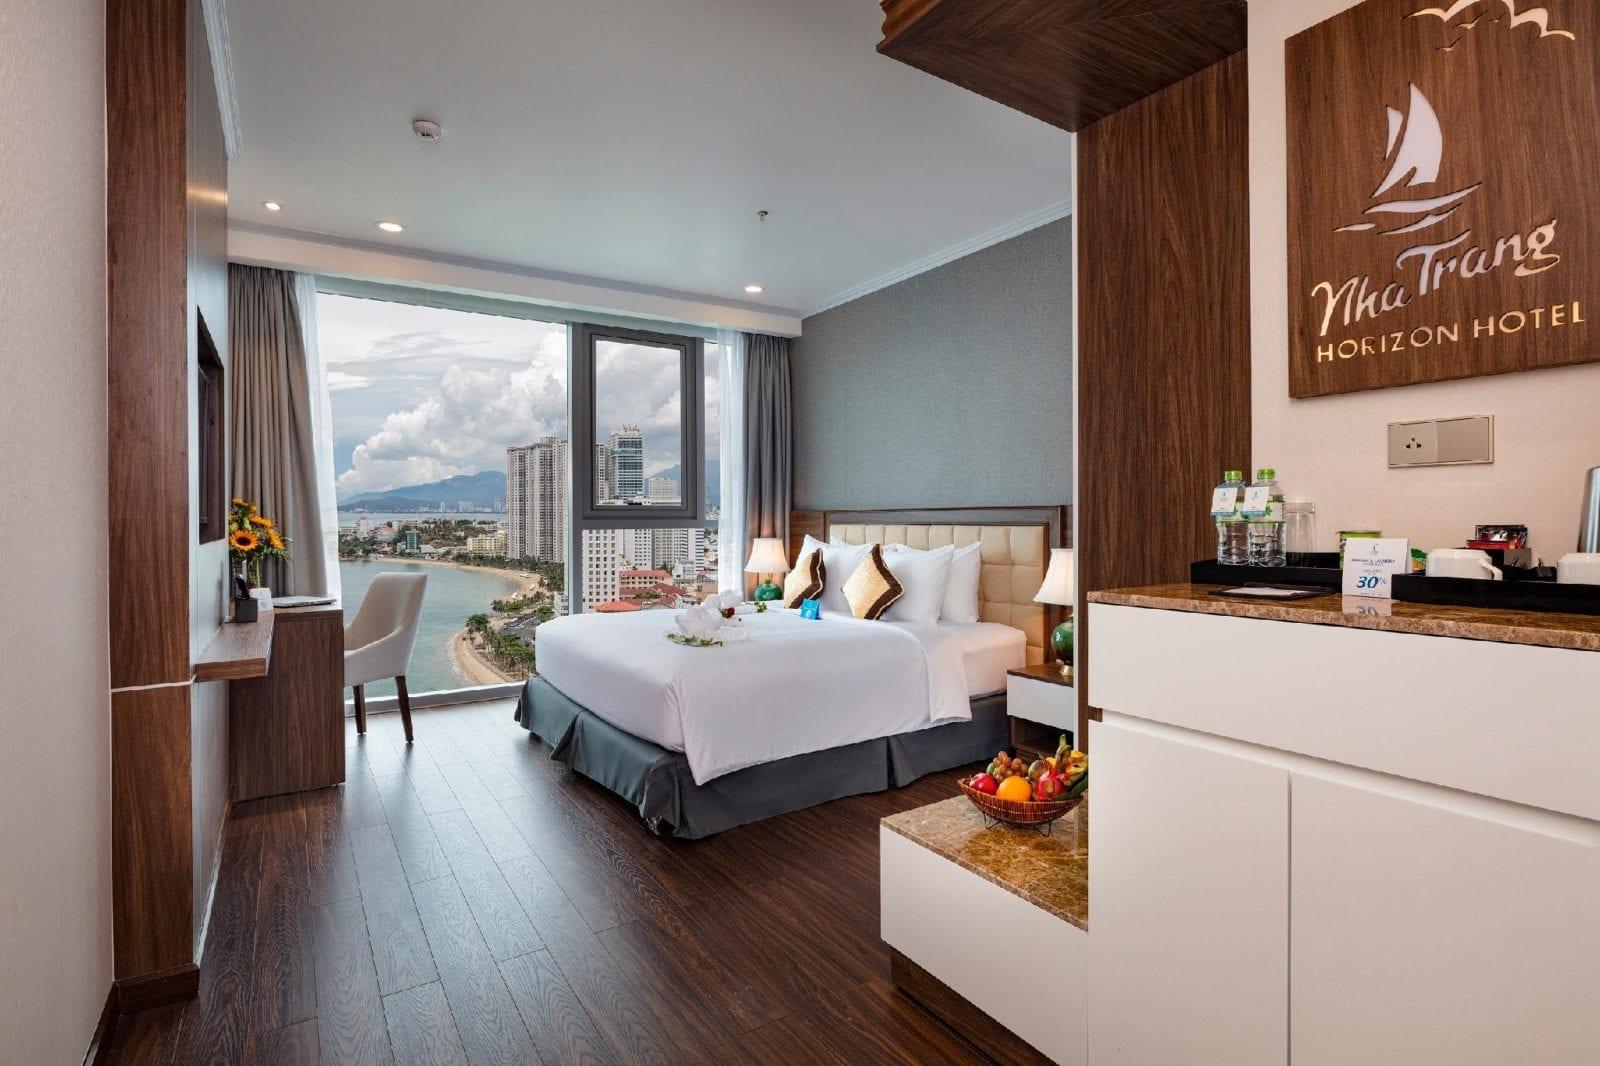 Room at Horizon Hotel Nha trang